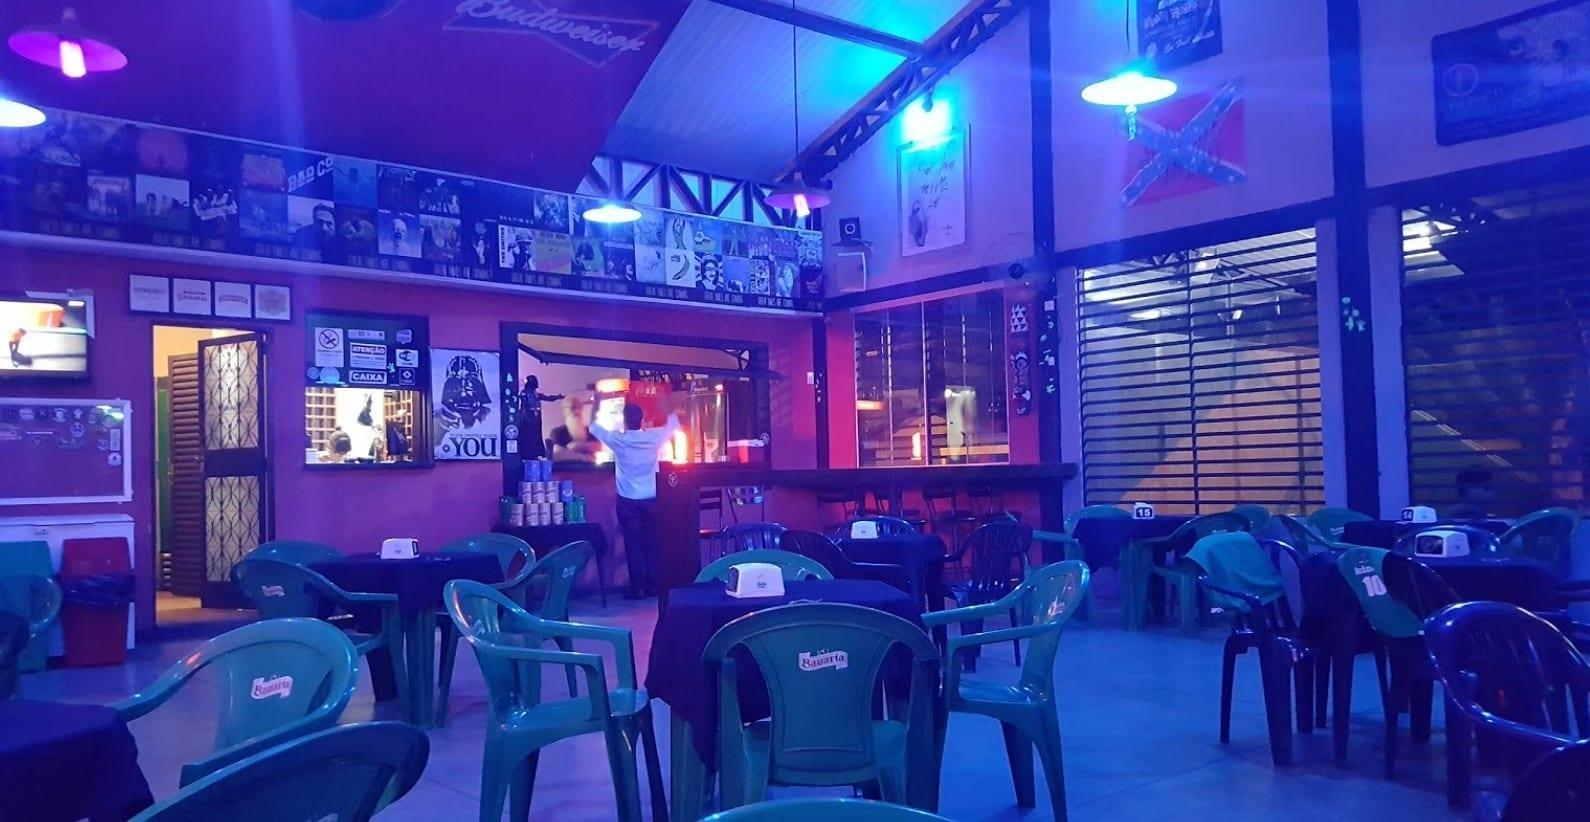 lugares para frequentar aos domingos em Goiânia